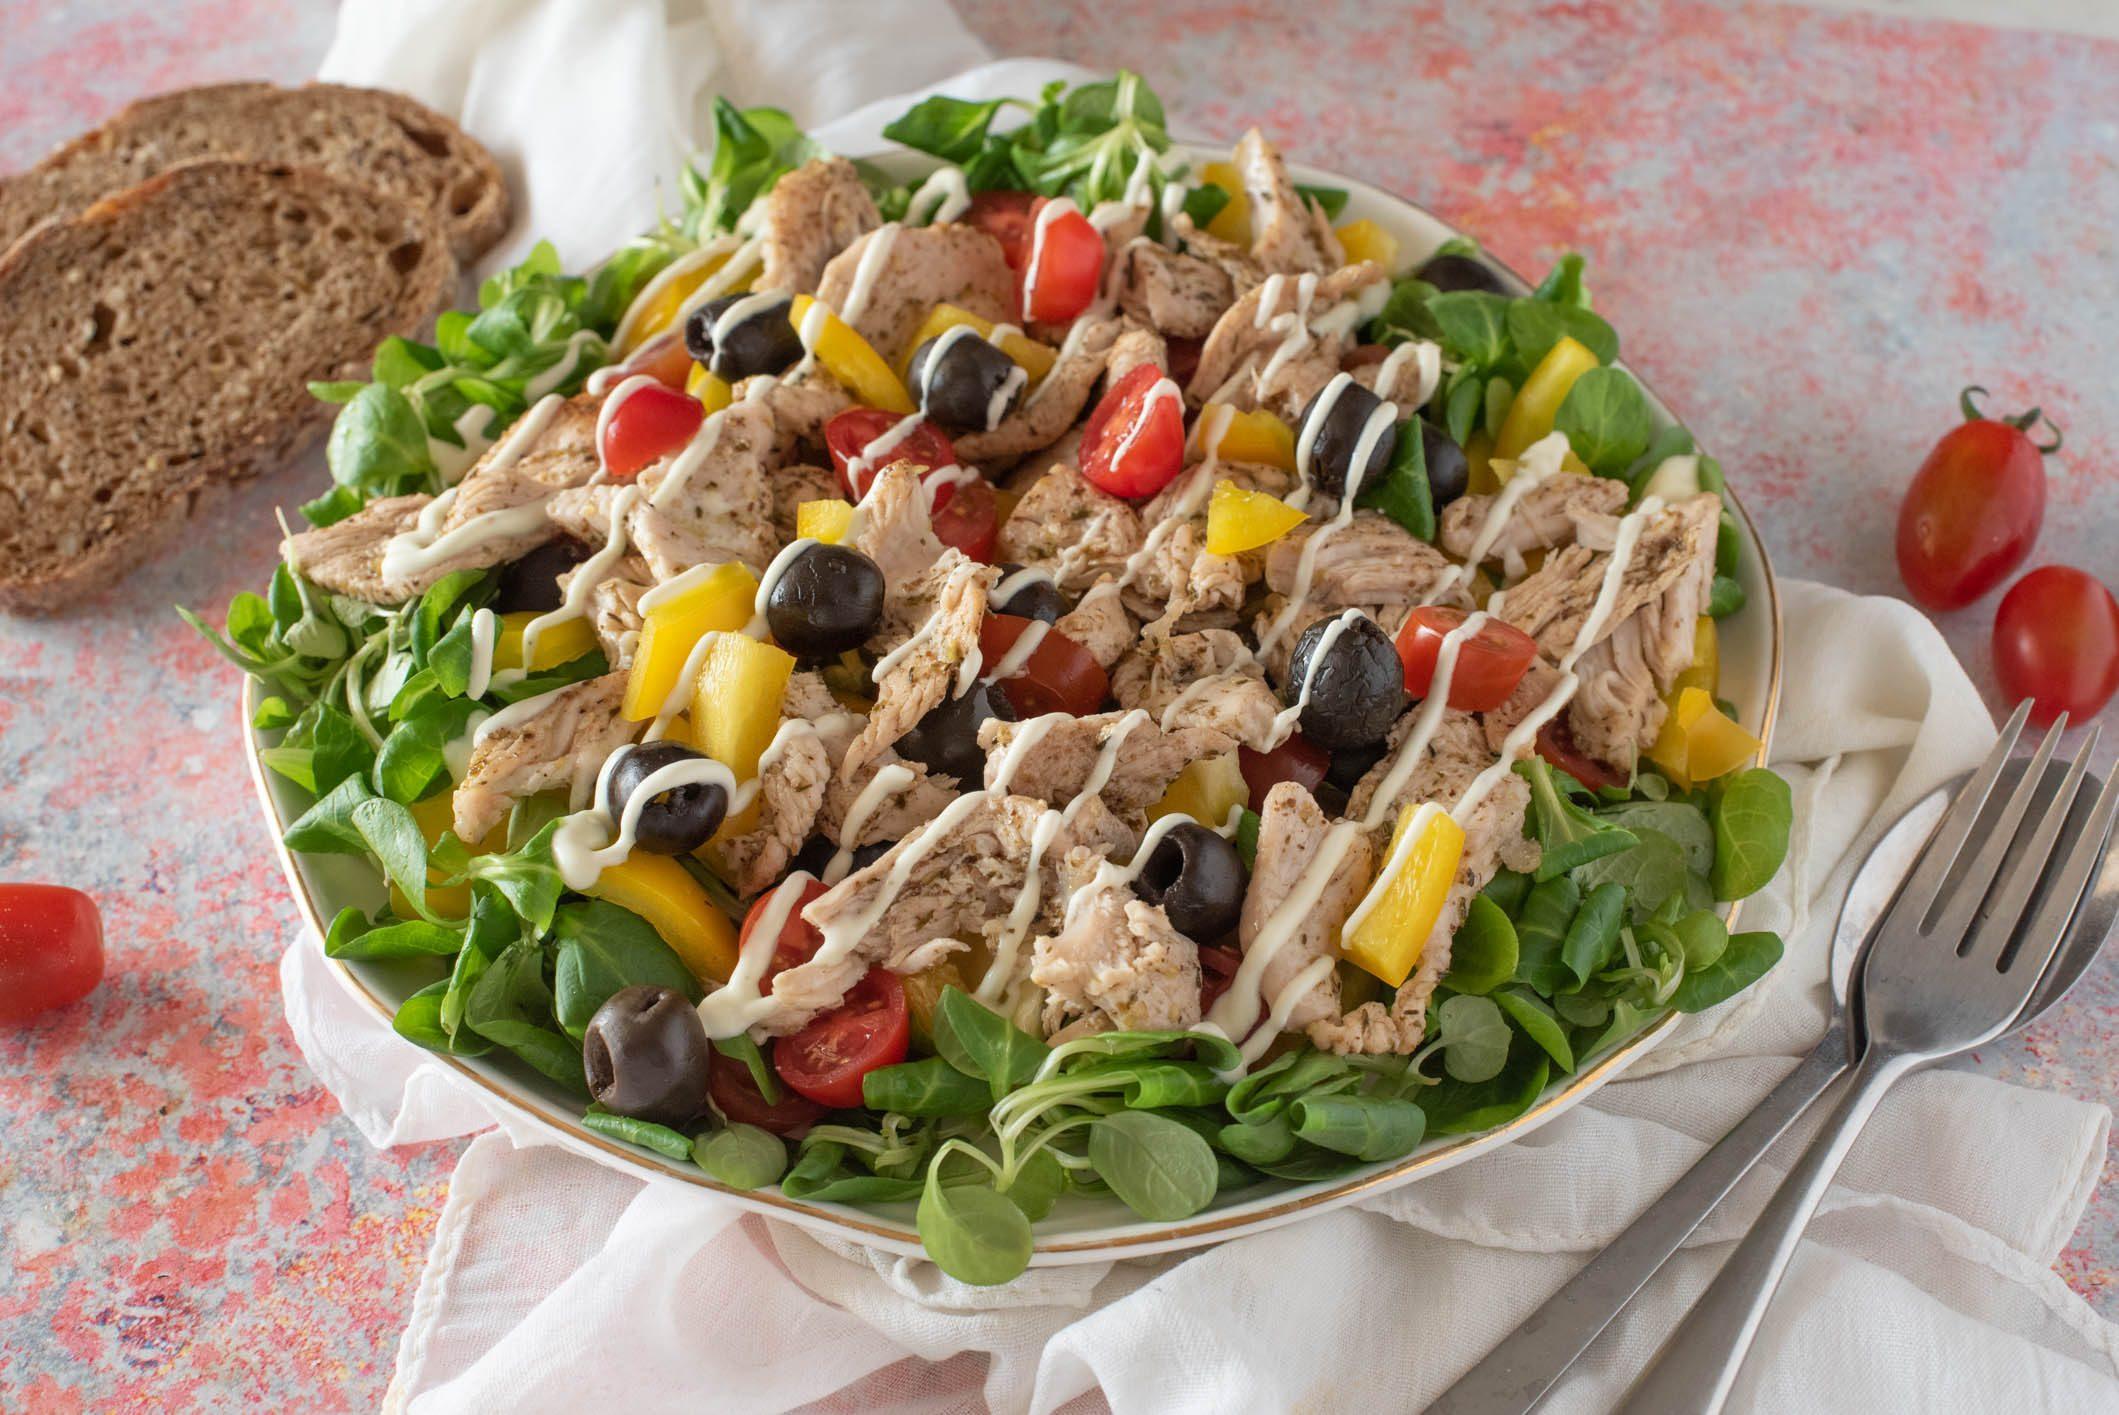 Insalata di tacchino: la ricetta del piatto gustoso e nutriente